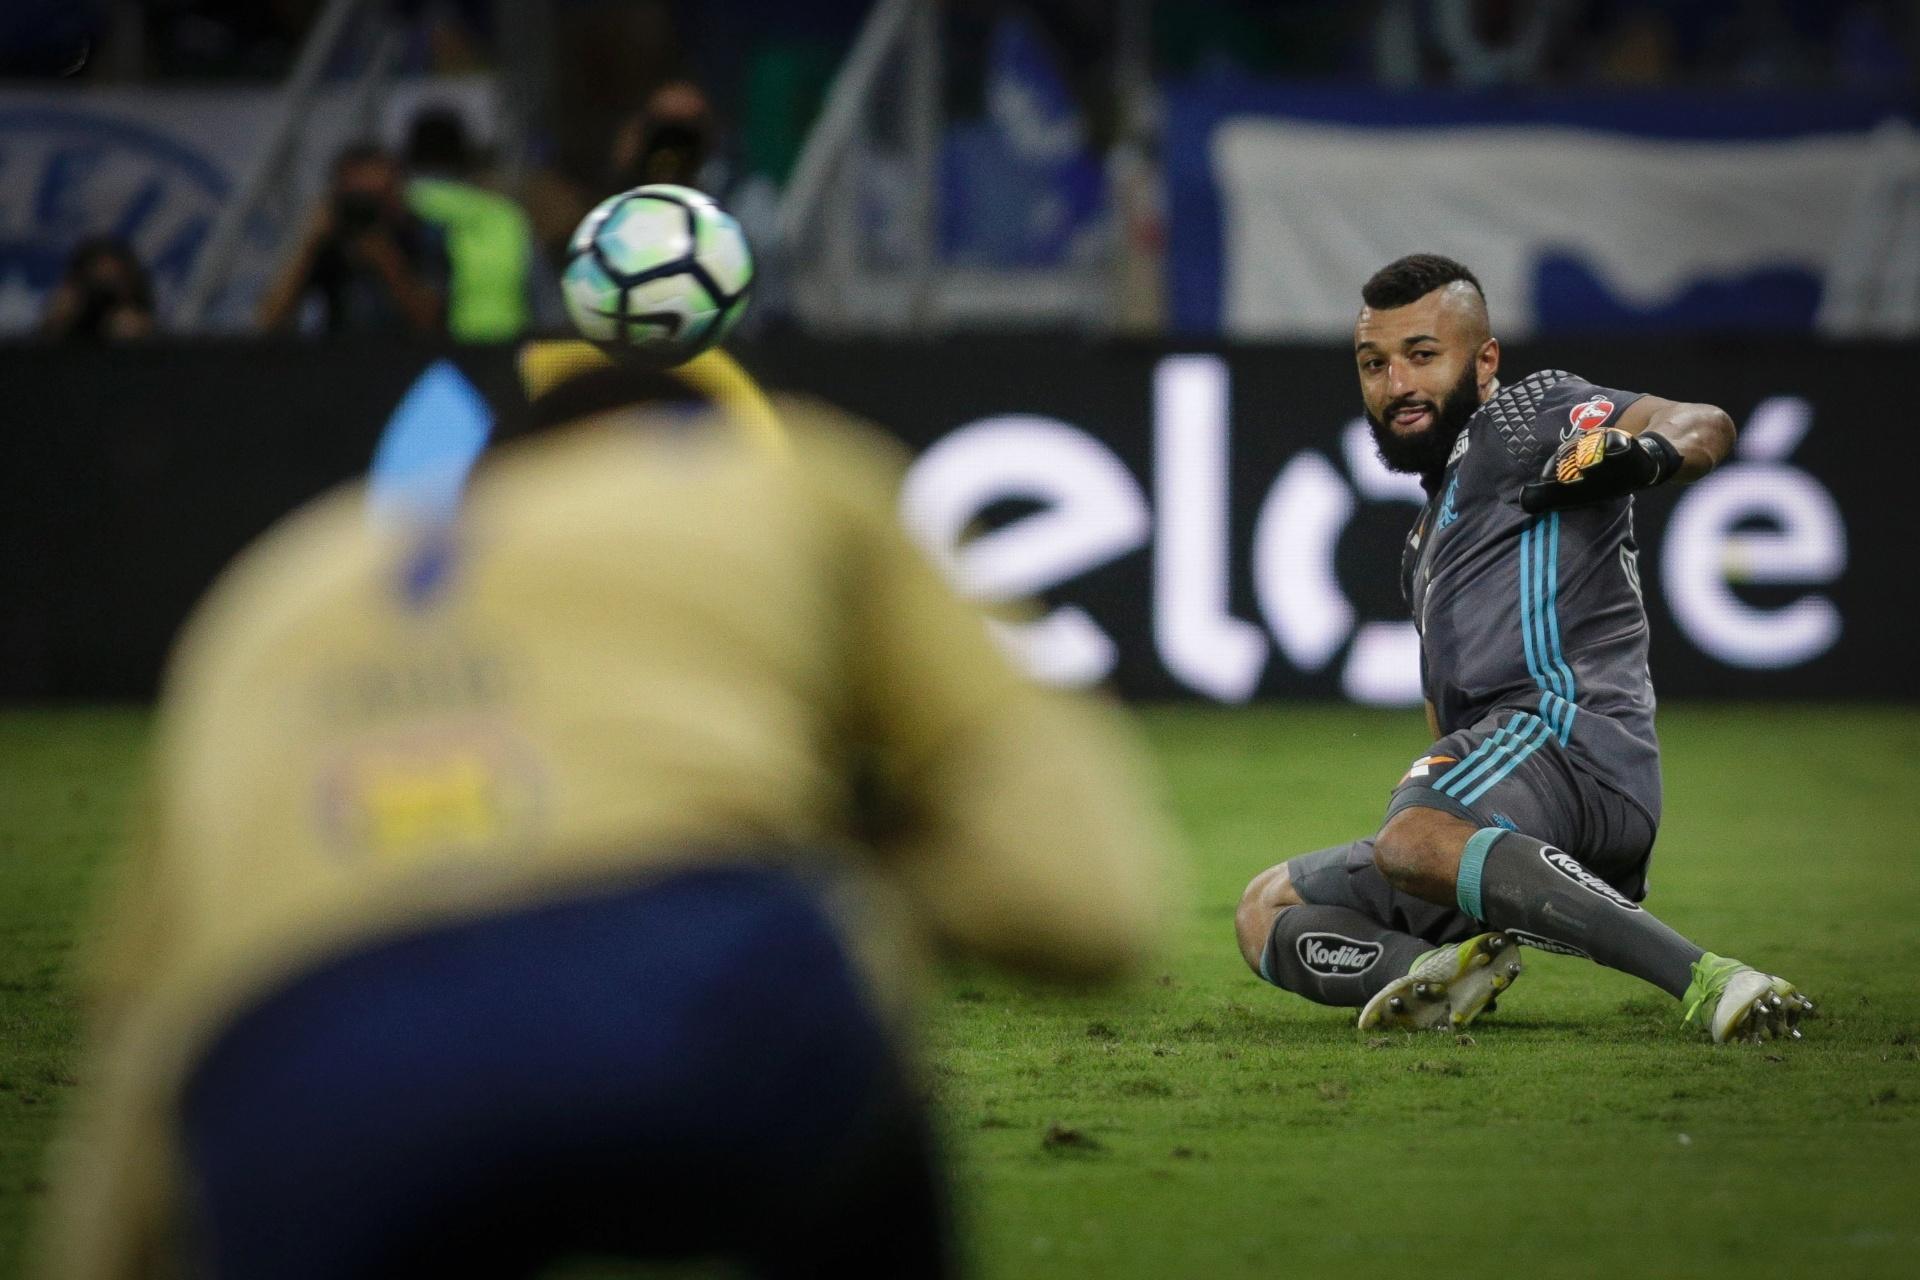 9e70c5add1 Atletas do Cruzeiro sabiam que Muralha só cairia para um lado nos pênaltis  - 28 09 2017 - UOL Esporte